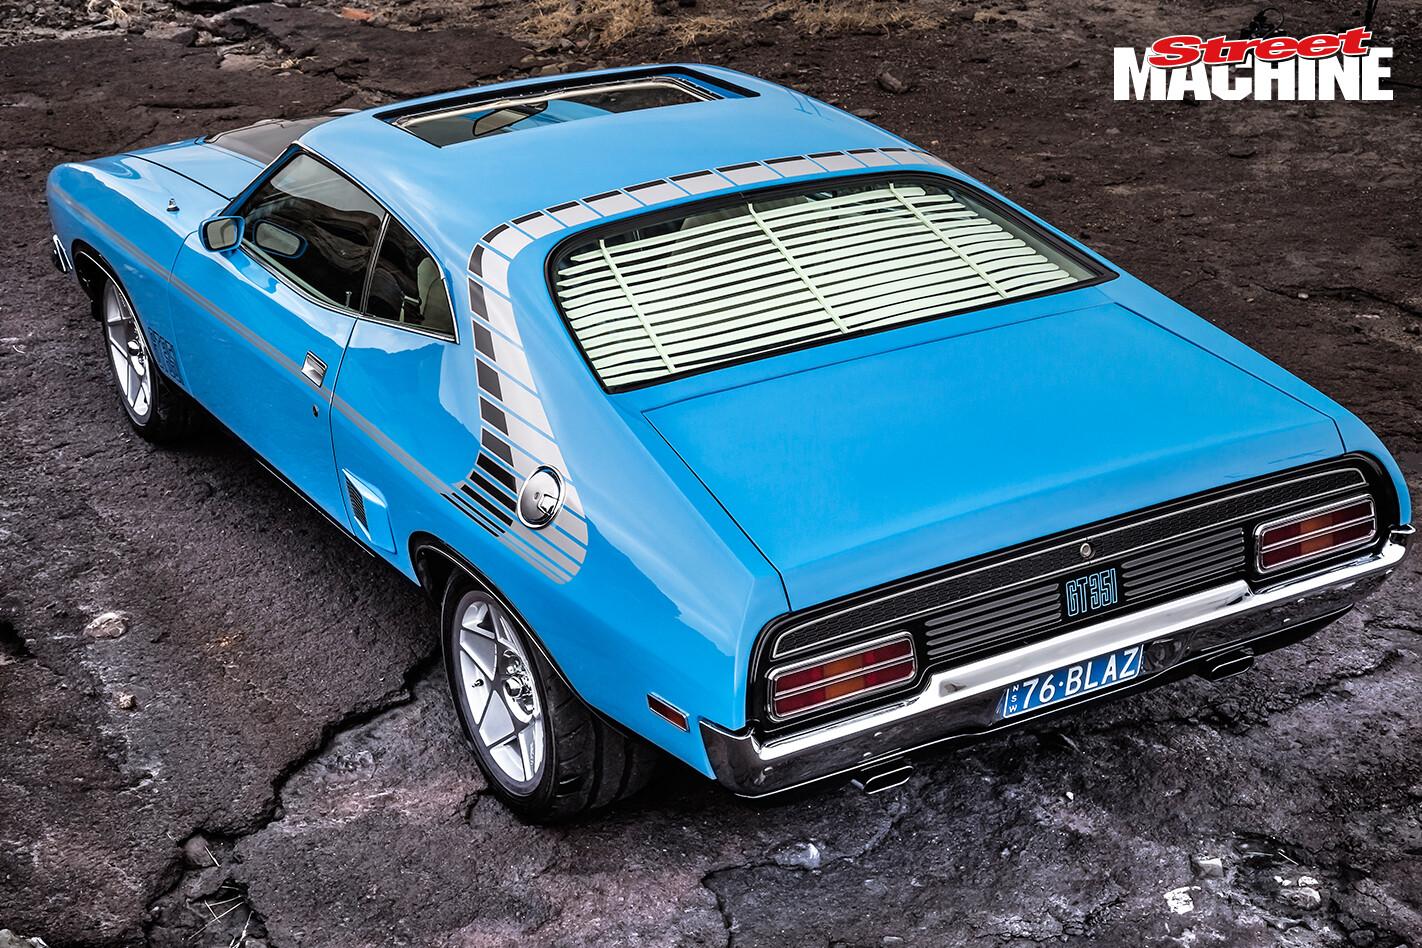 XB Falcon Coupe 351 7 Nw